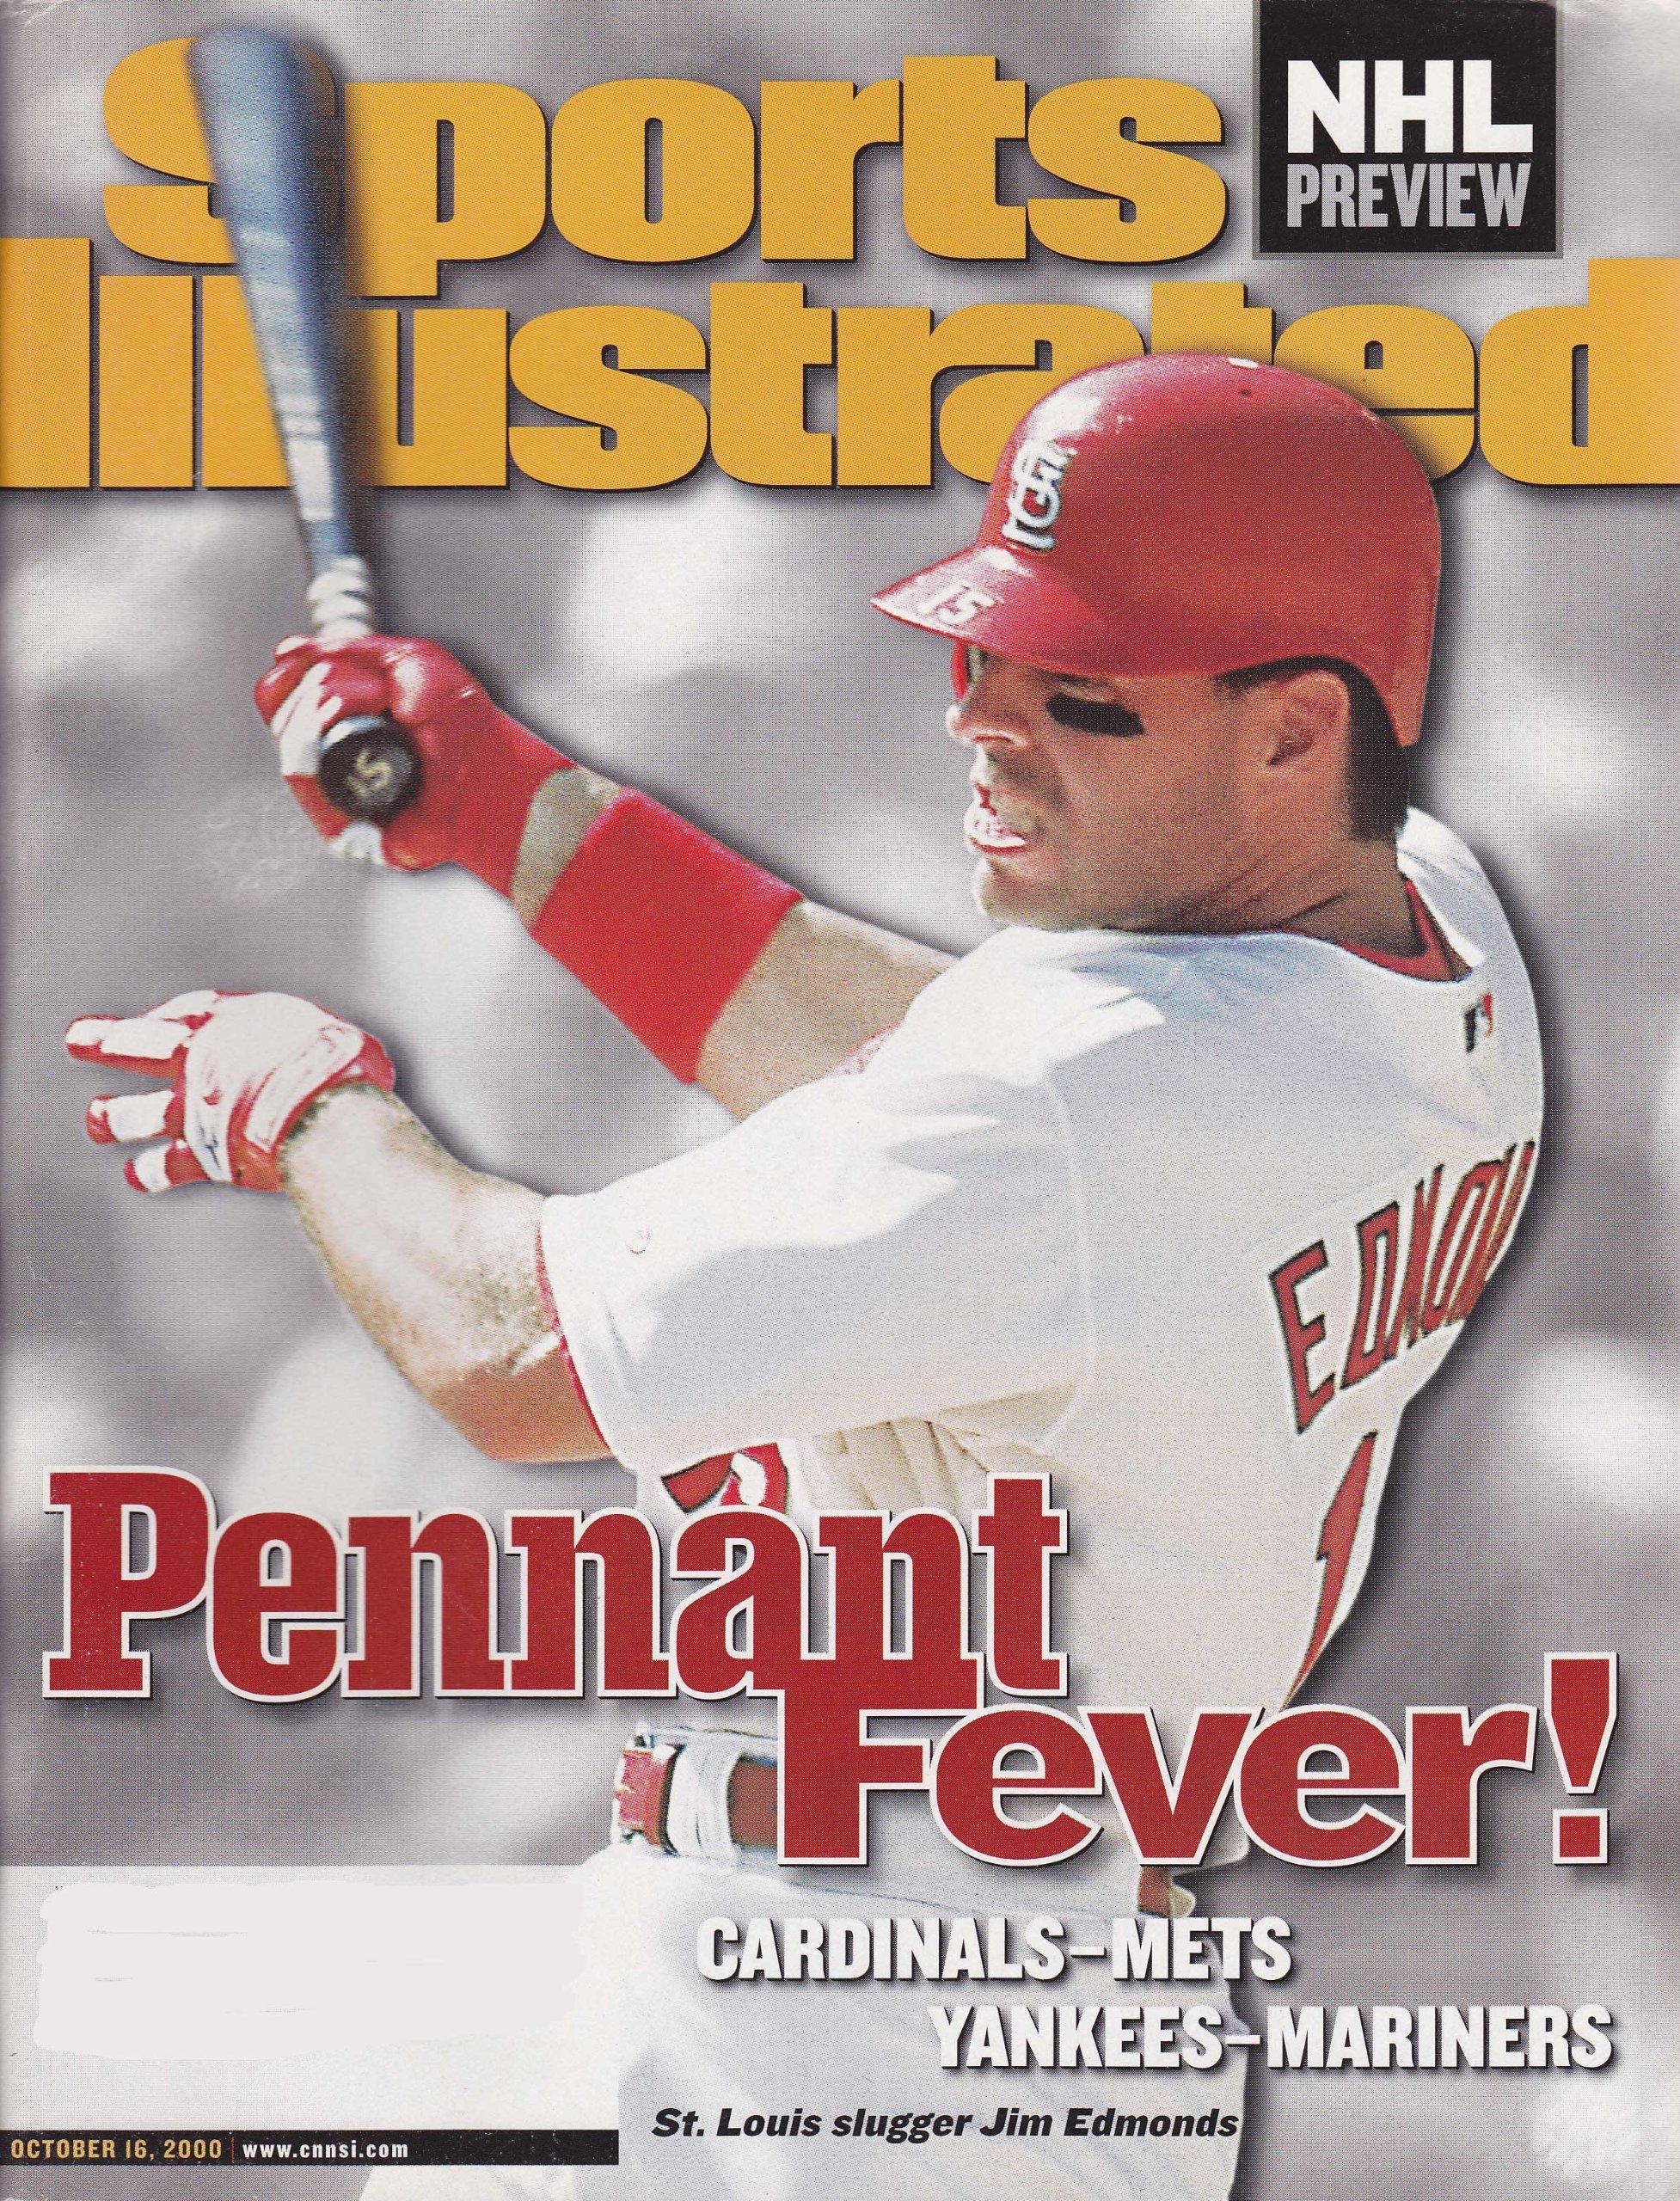 Download Sports Illustrated - October 16, 2000 (Volume 93, Number 15) pdf